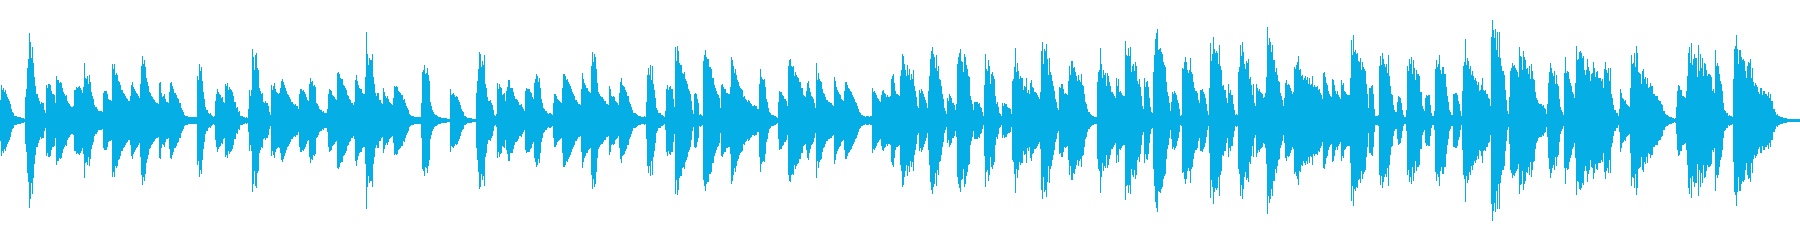 おしゃれなバーをイメージしたピアノソロの再生済みの波形